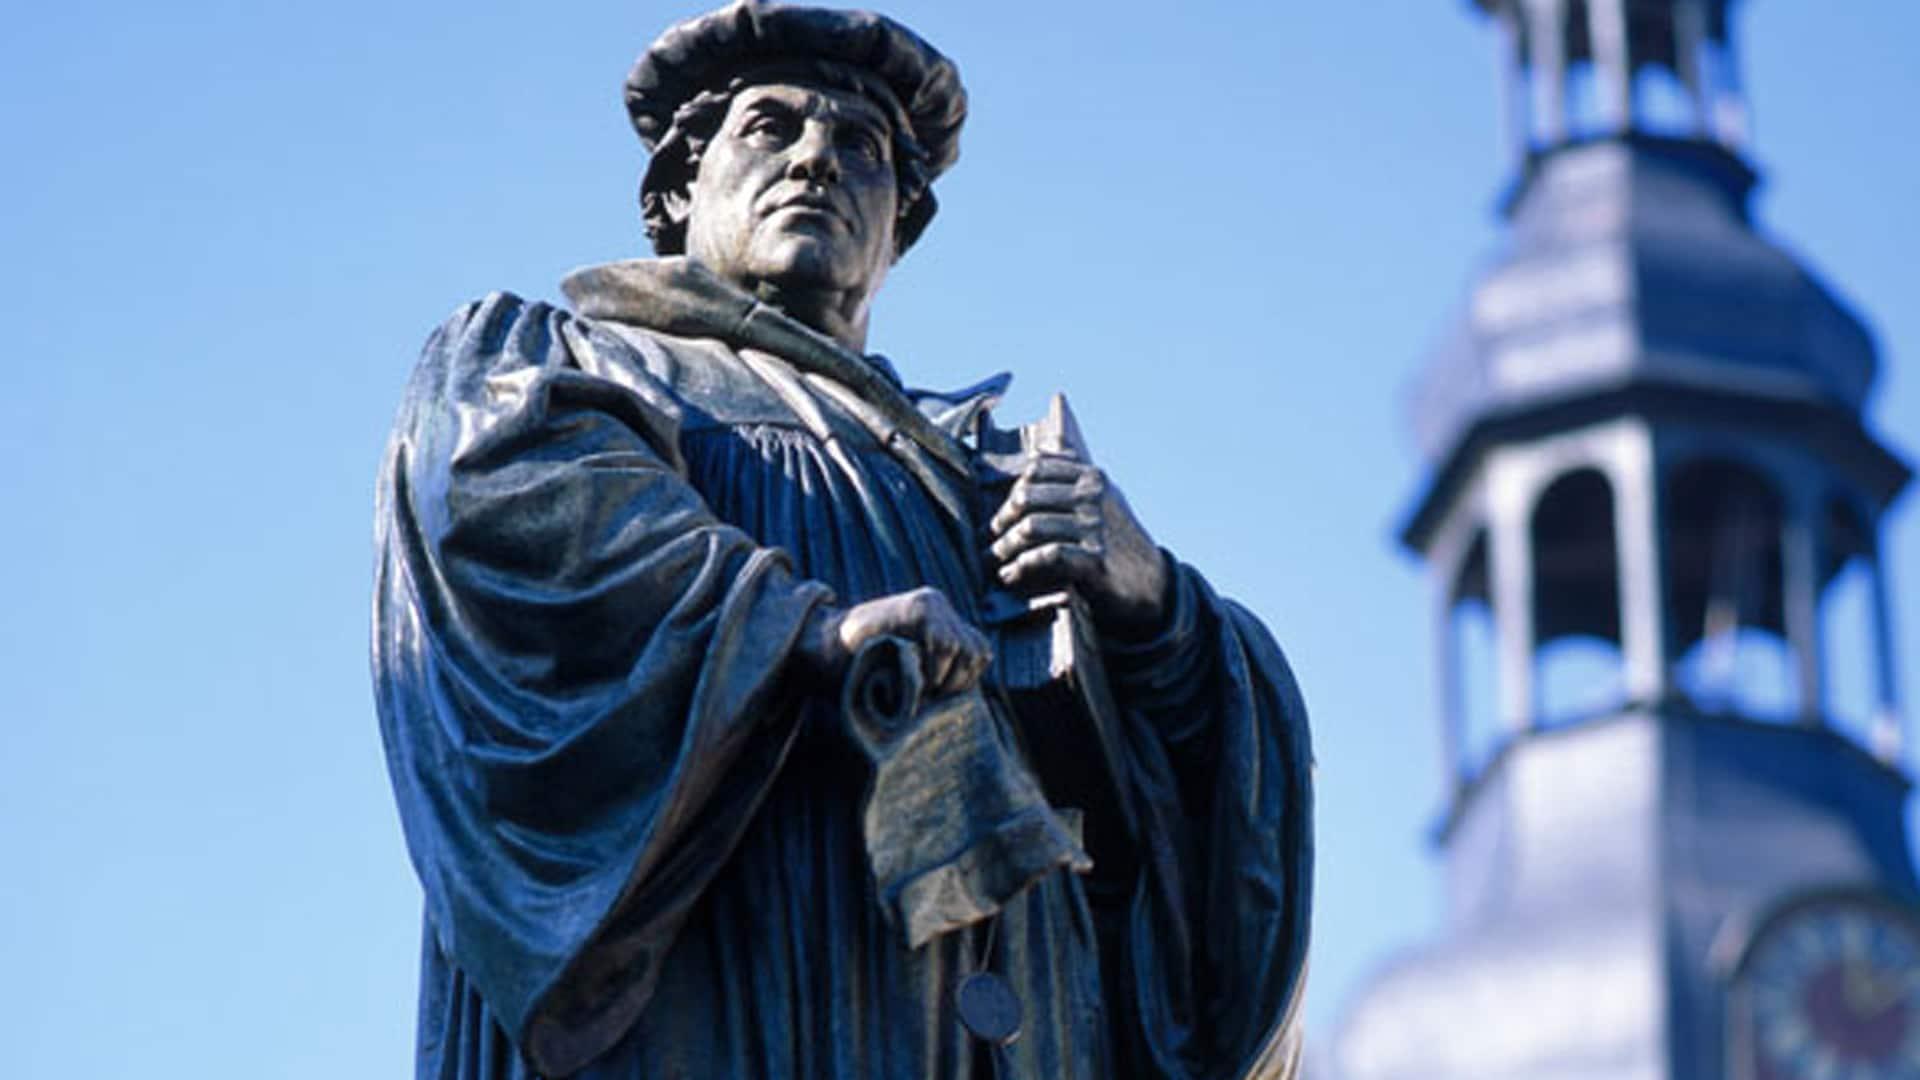 """""""Martin Luther und sein Umgang mit der Pest etwa ist eine gute Größe, um sich einzuloten bei der Frage: Wie kann man als Christ gesund auf einen Notstand reagieren?"""", sagt Mirjam Schilling. In einem früheren Beitrag für pro beschreibt sie genauer, was man in Corona-Zeiten von Luther lernen kann."""